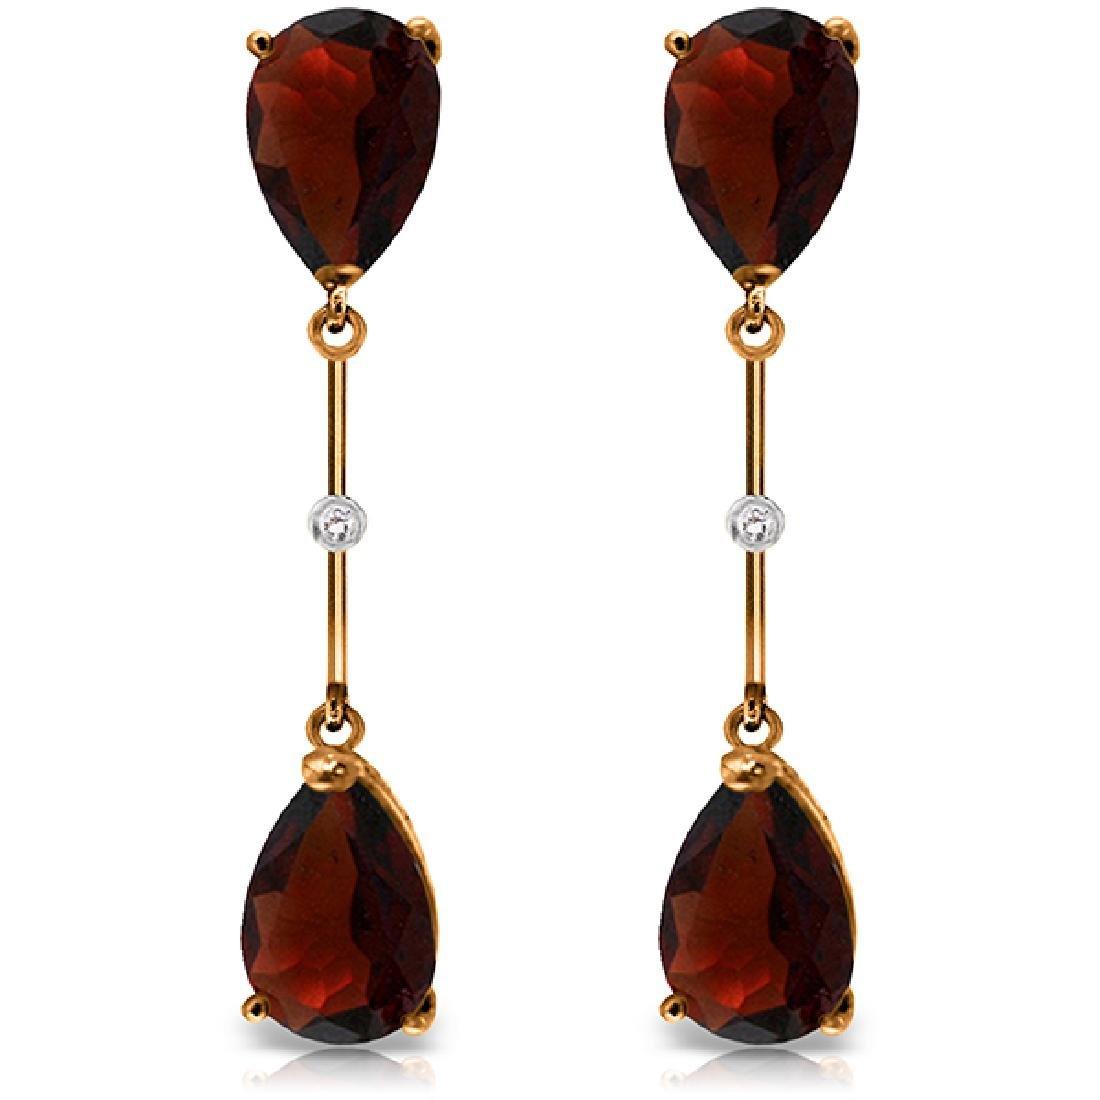 Genuine 6.01 ctw Garnet & Diamond Earrings Jewelry 14KT